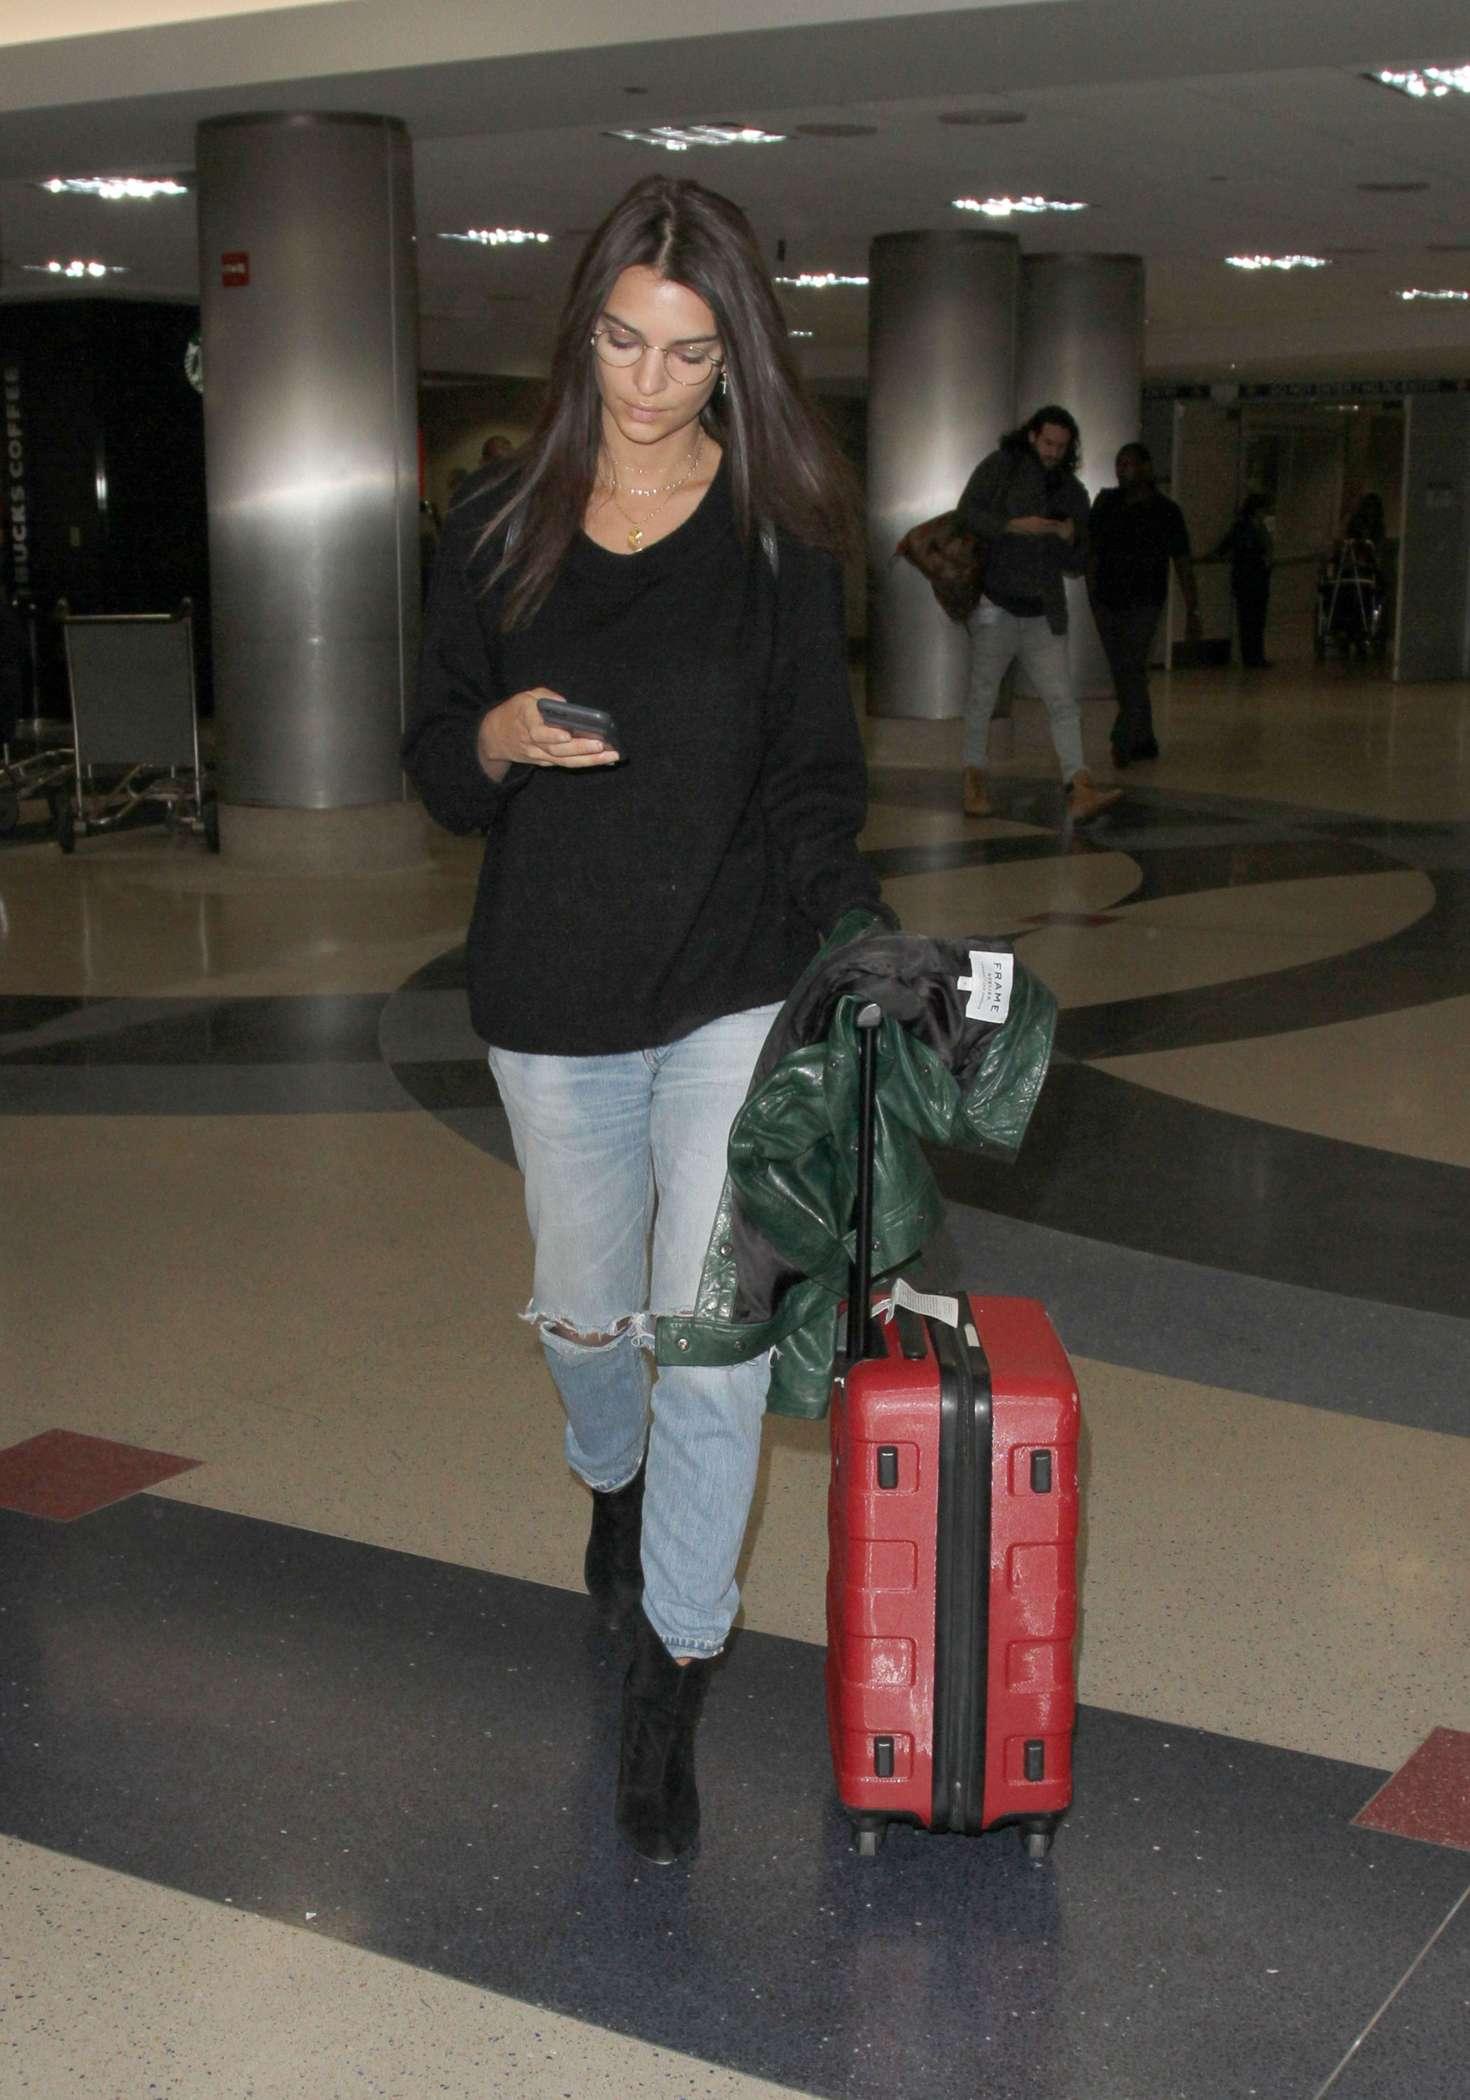 Emily Ratajkowski 2016 : Emily Ratajkowski in Ripped Jeans at LAX Airport -14